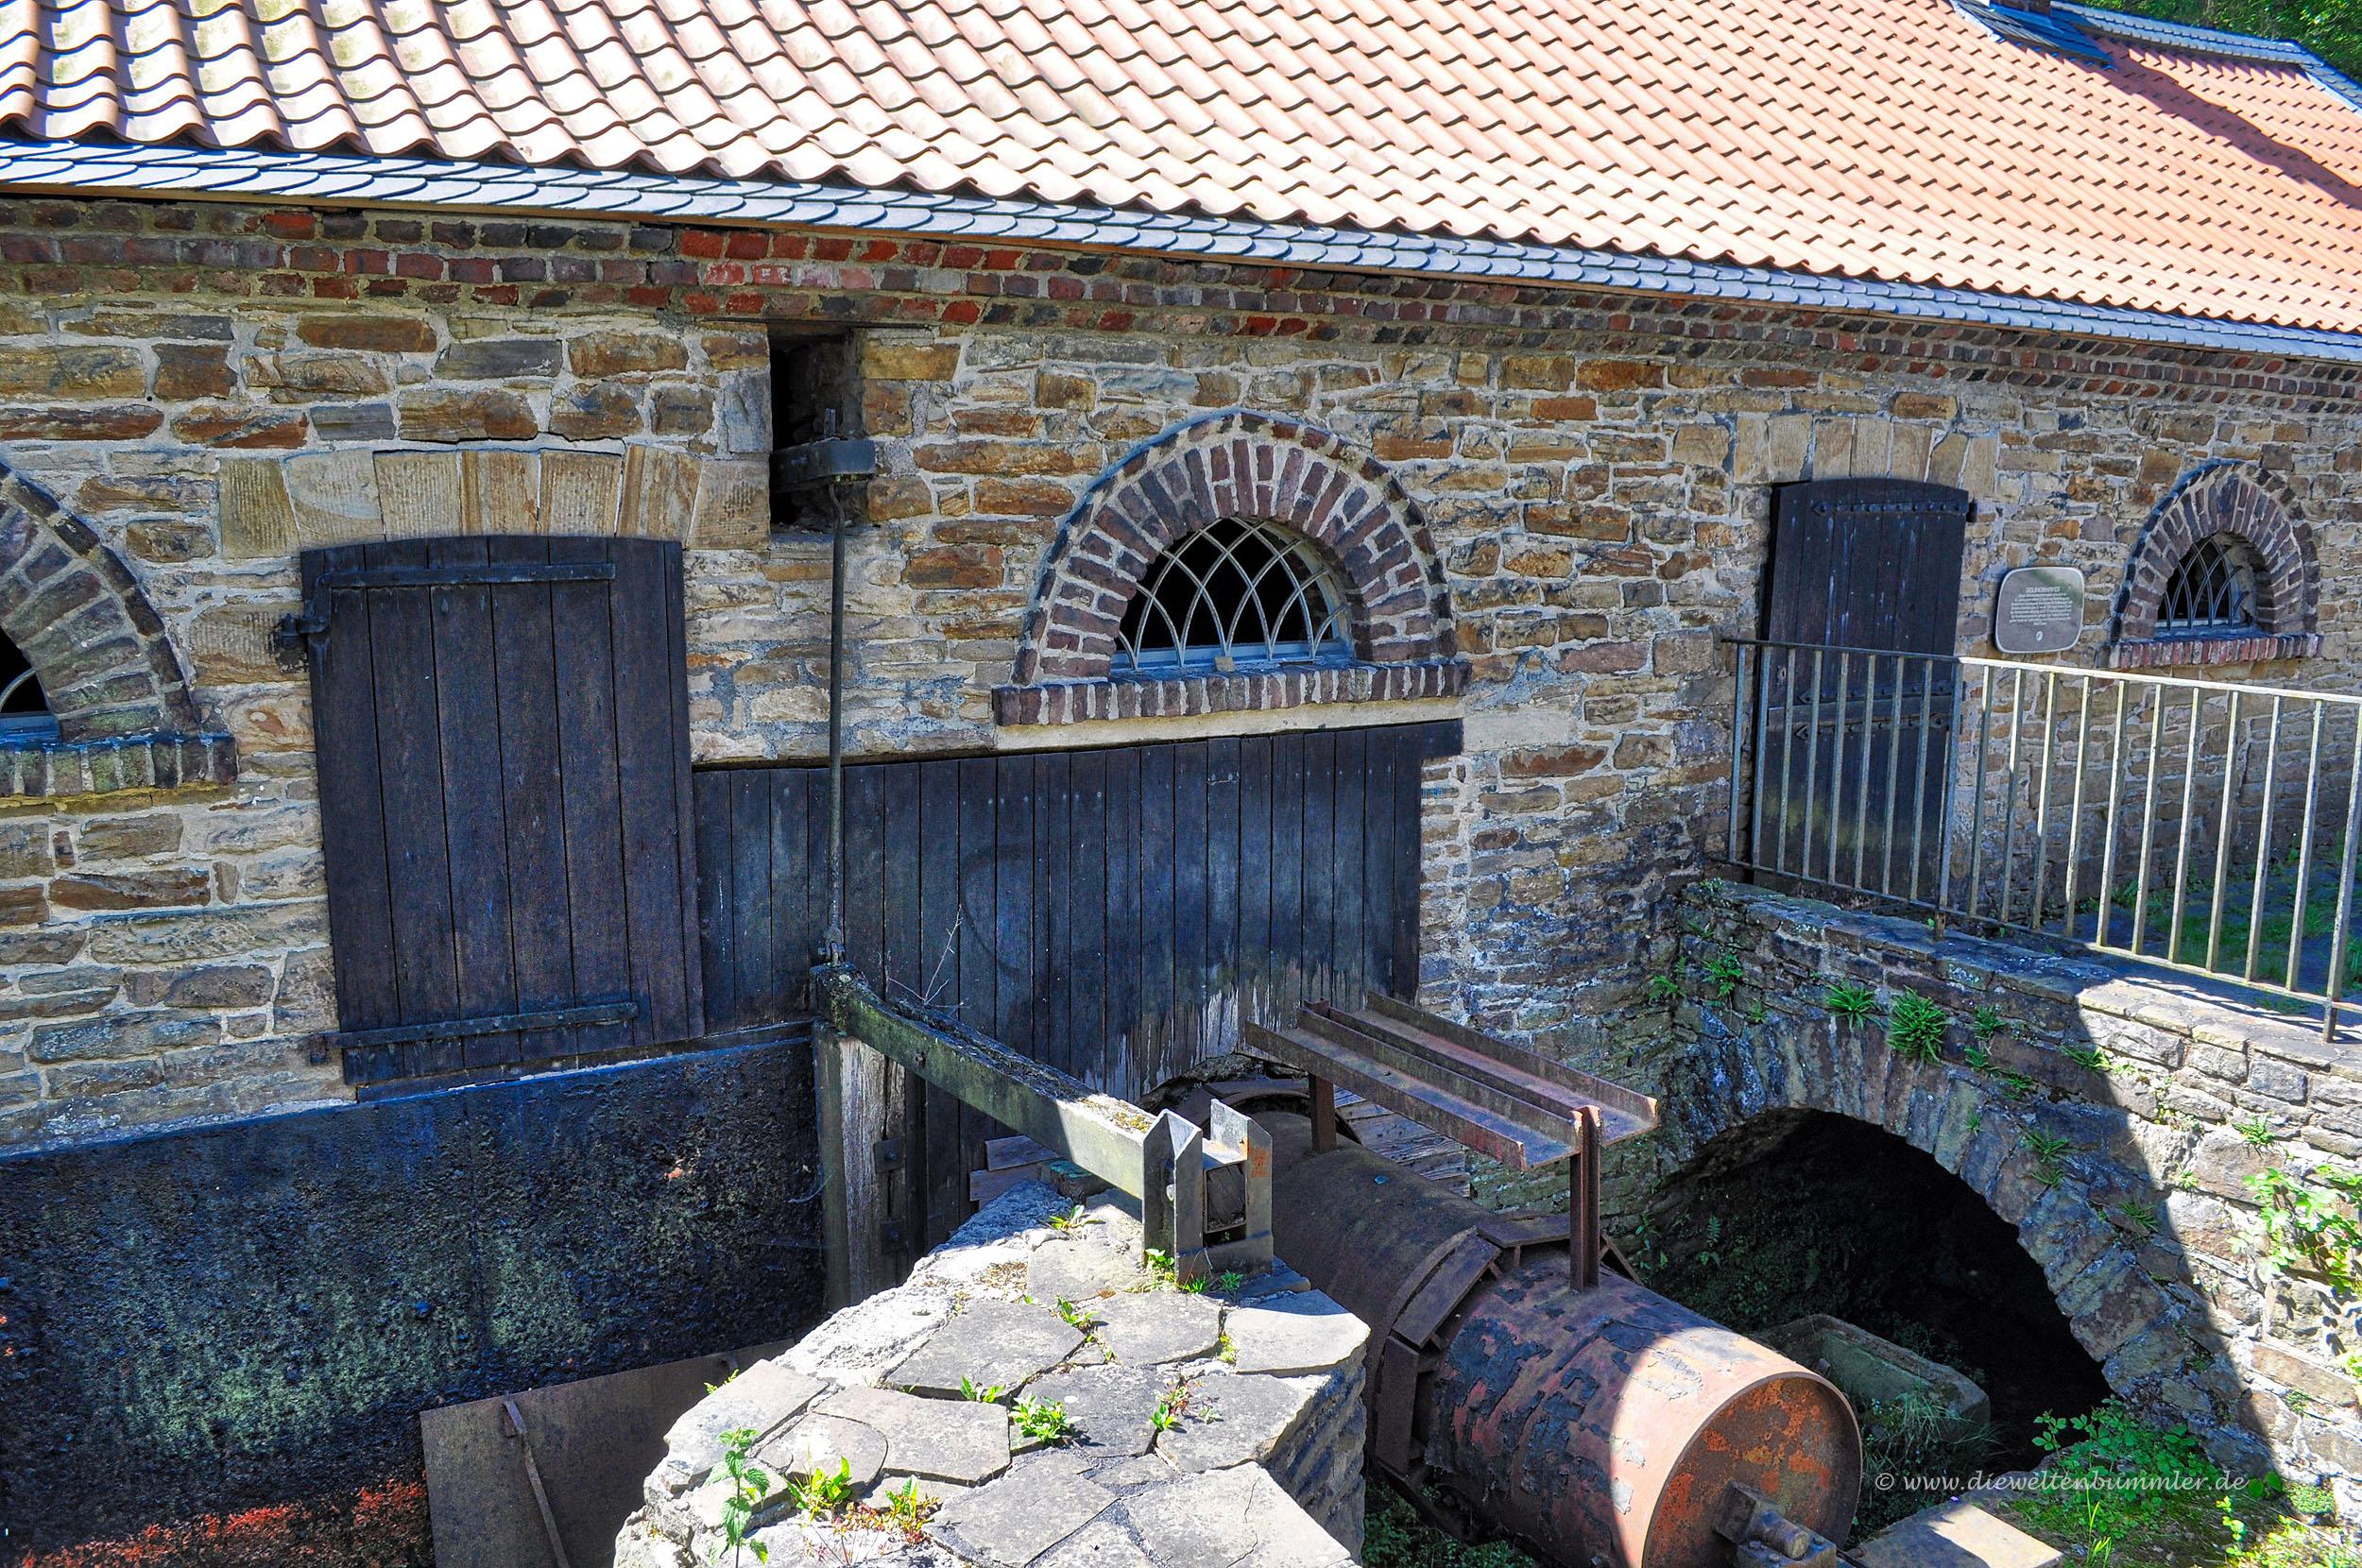 Deilbachhammer in Essen-Kupferdreh